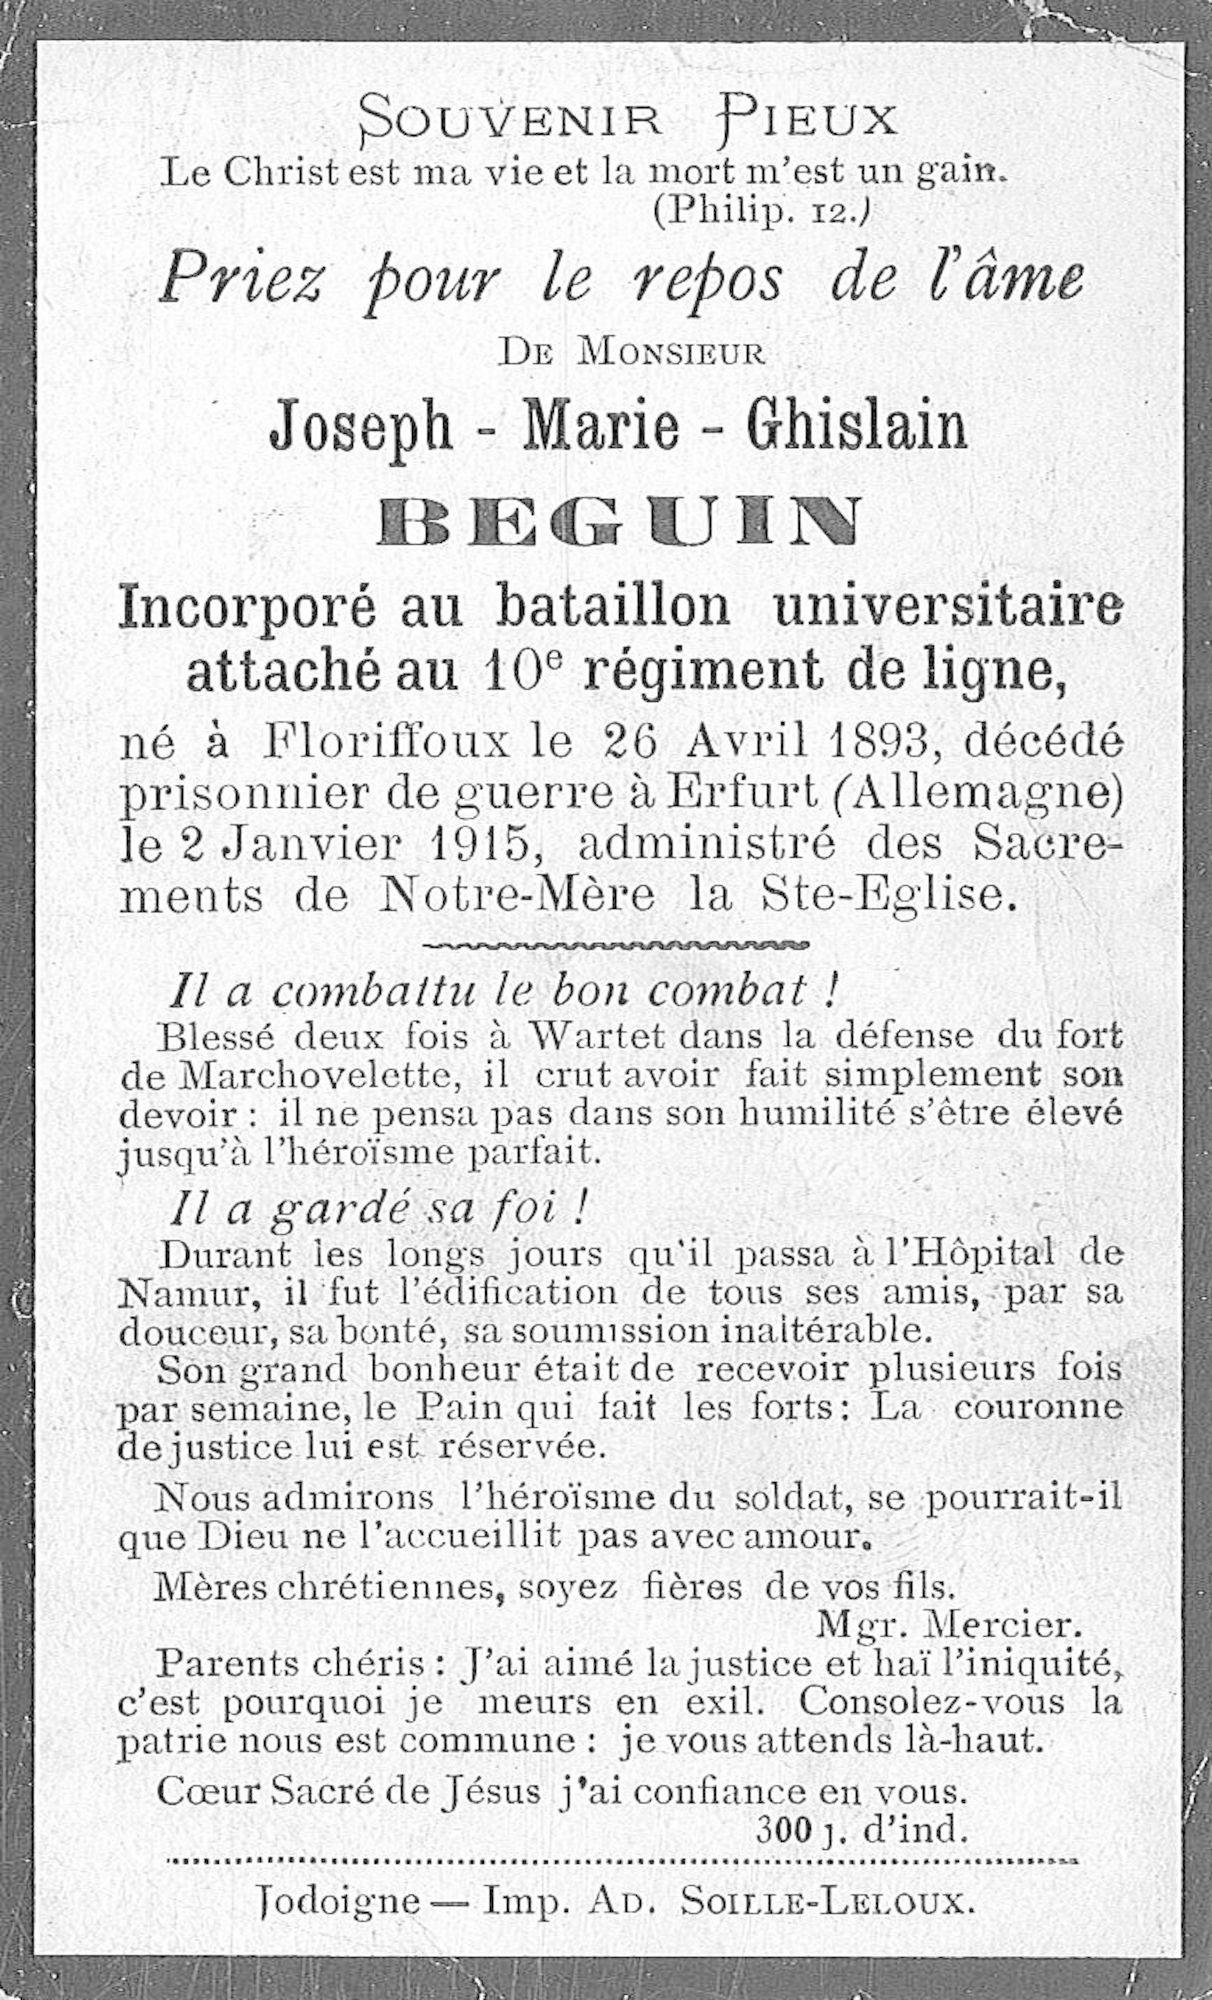 Beguin Joseph-Marie-Ghislain